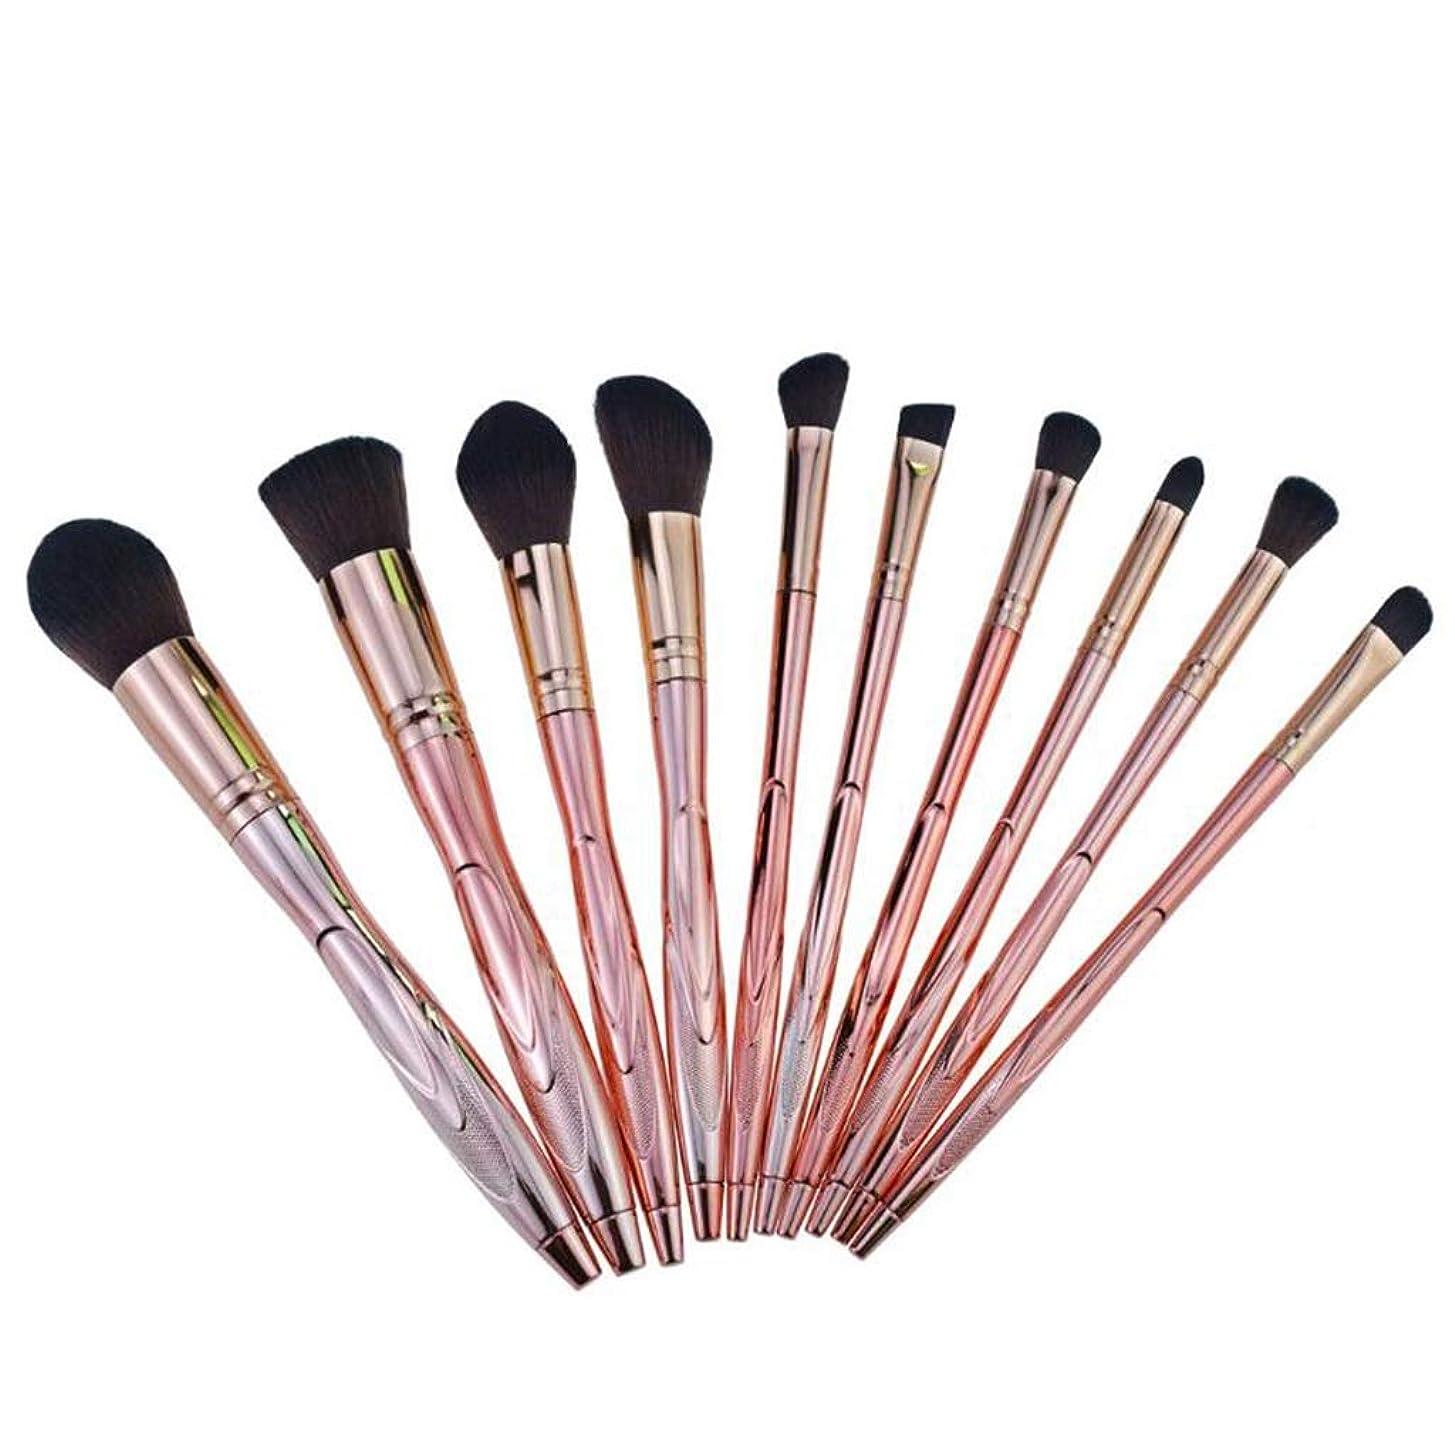 水っぽい付き添い人賄賂美しさ 10個の化粧ブラシセット、ファンデーションブラッシュ、輪郭、アイシャドウ、汚れ、リップブラシツール ツール一式